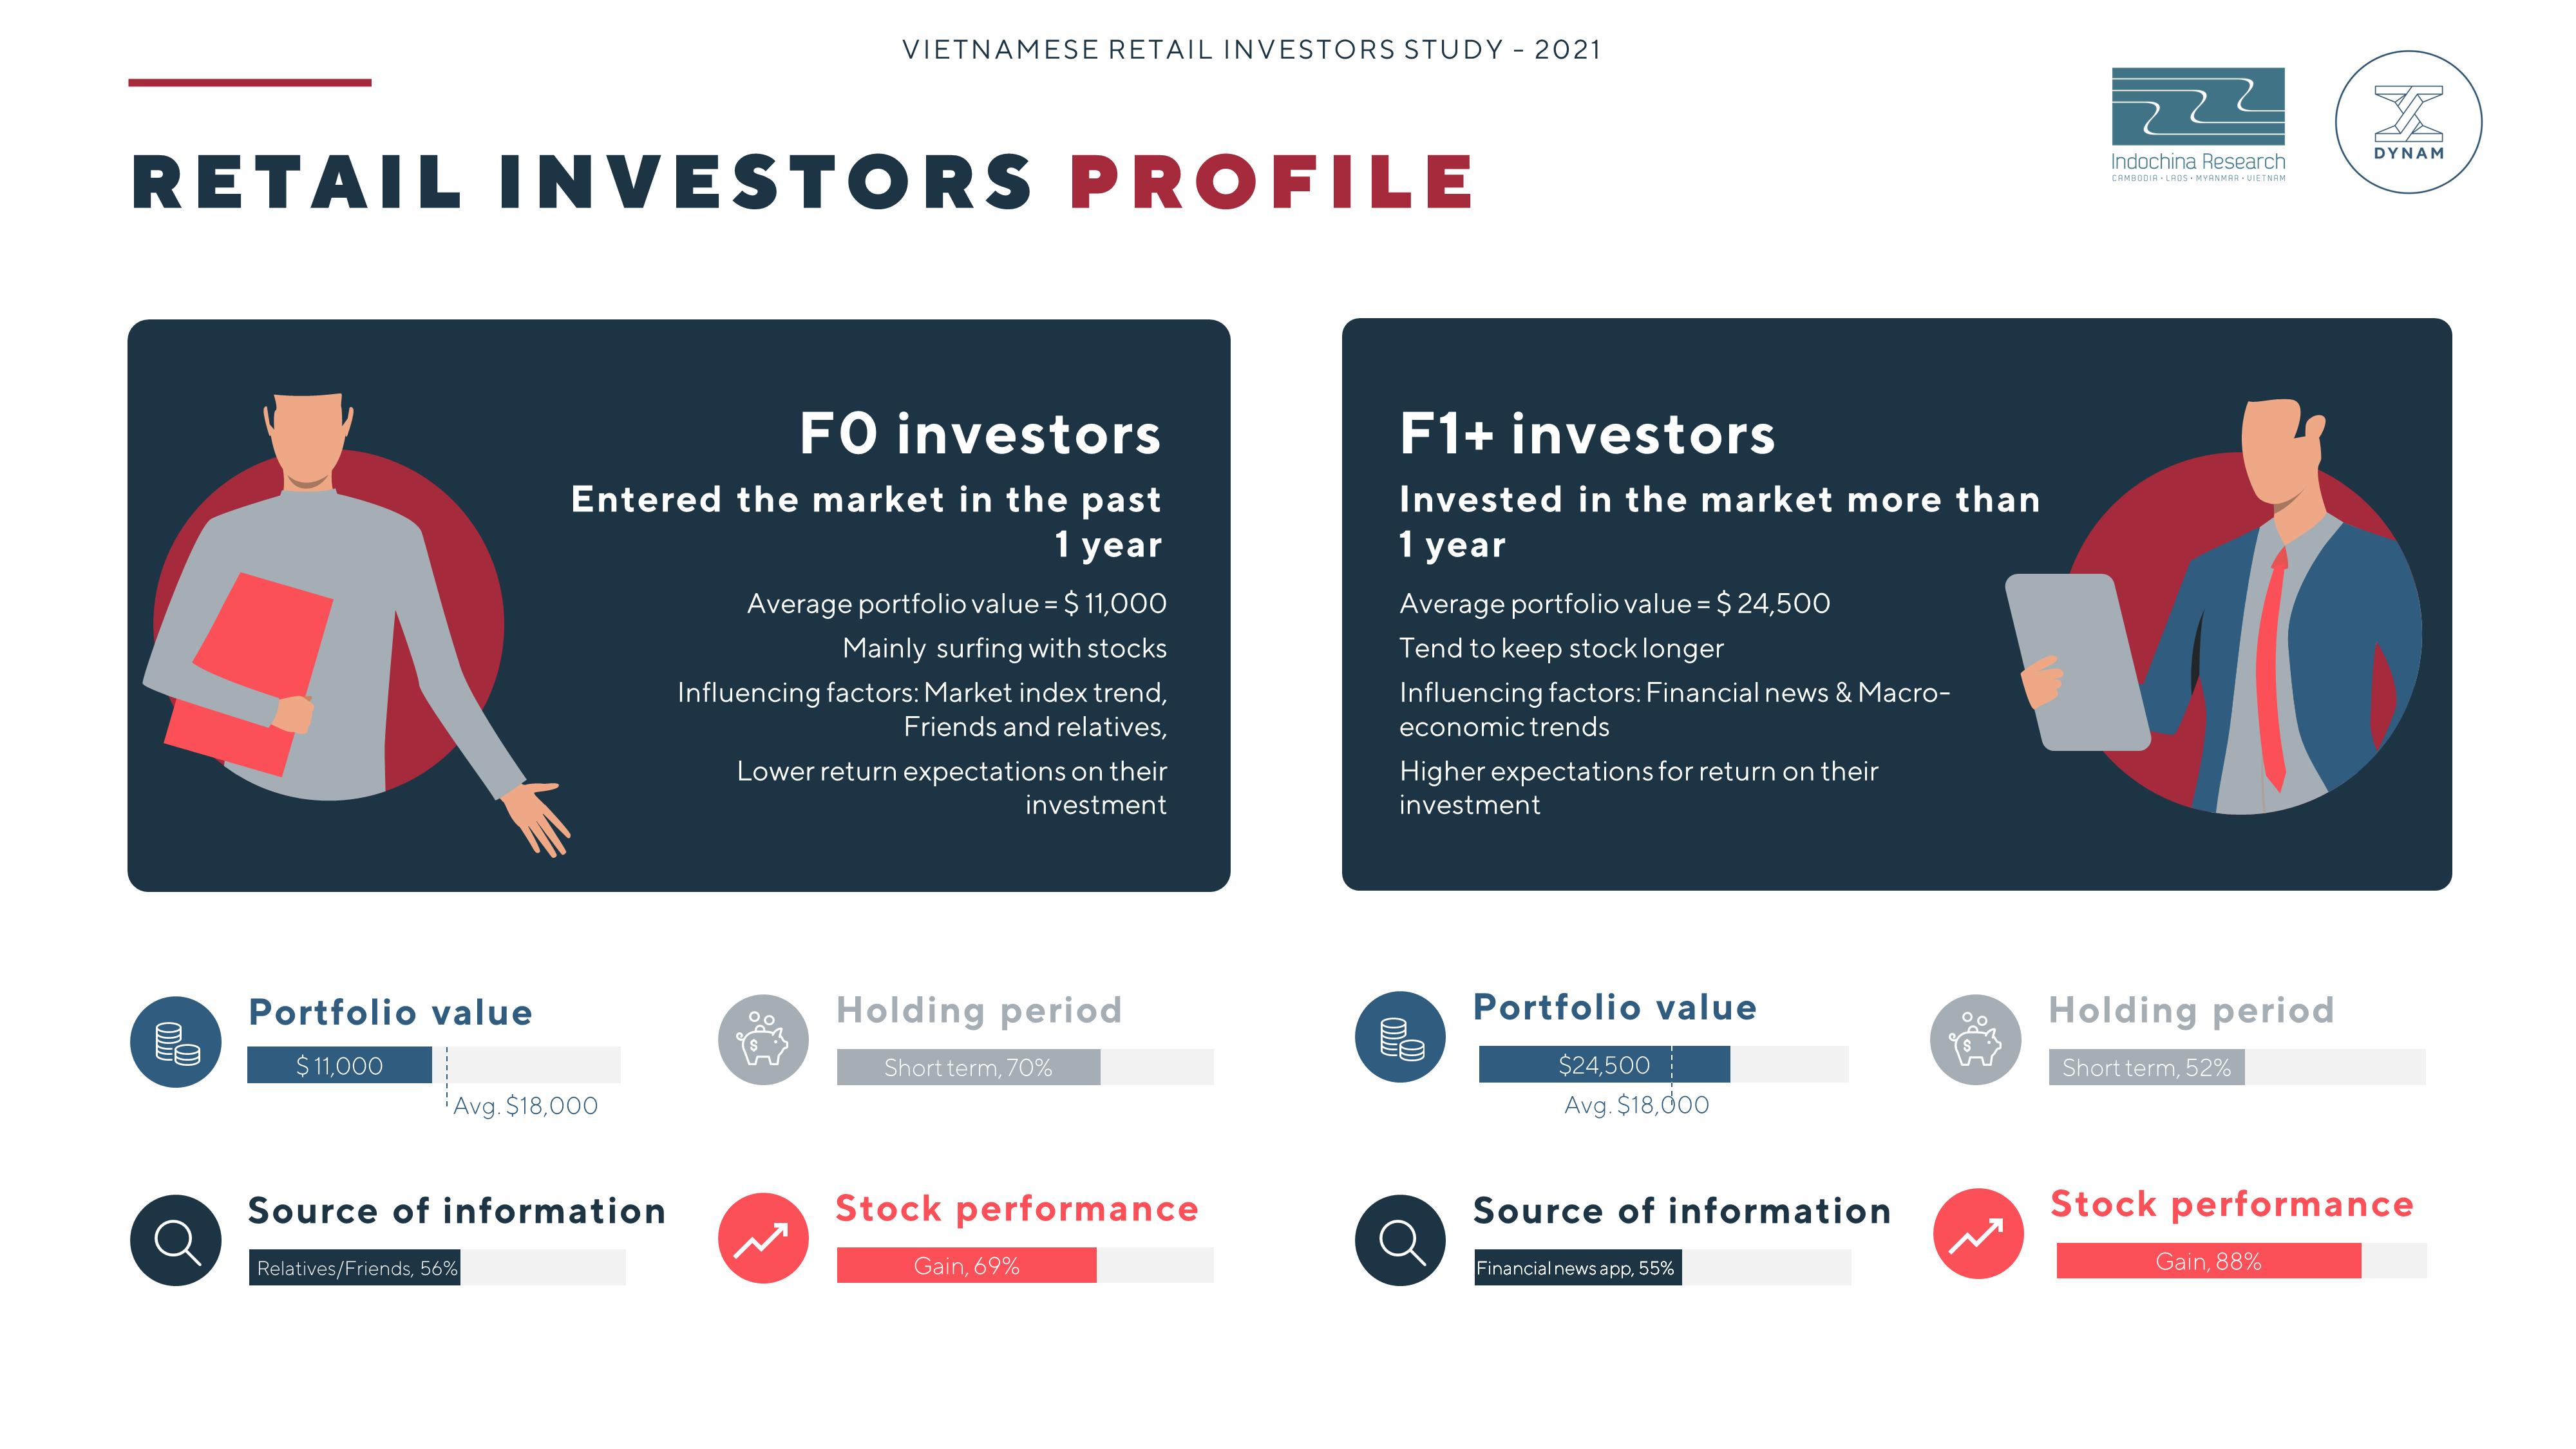 Investors Profile